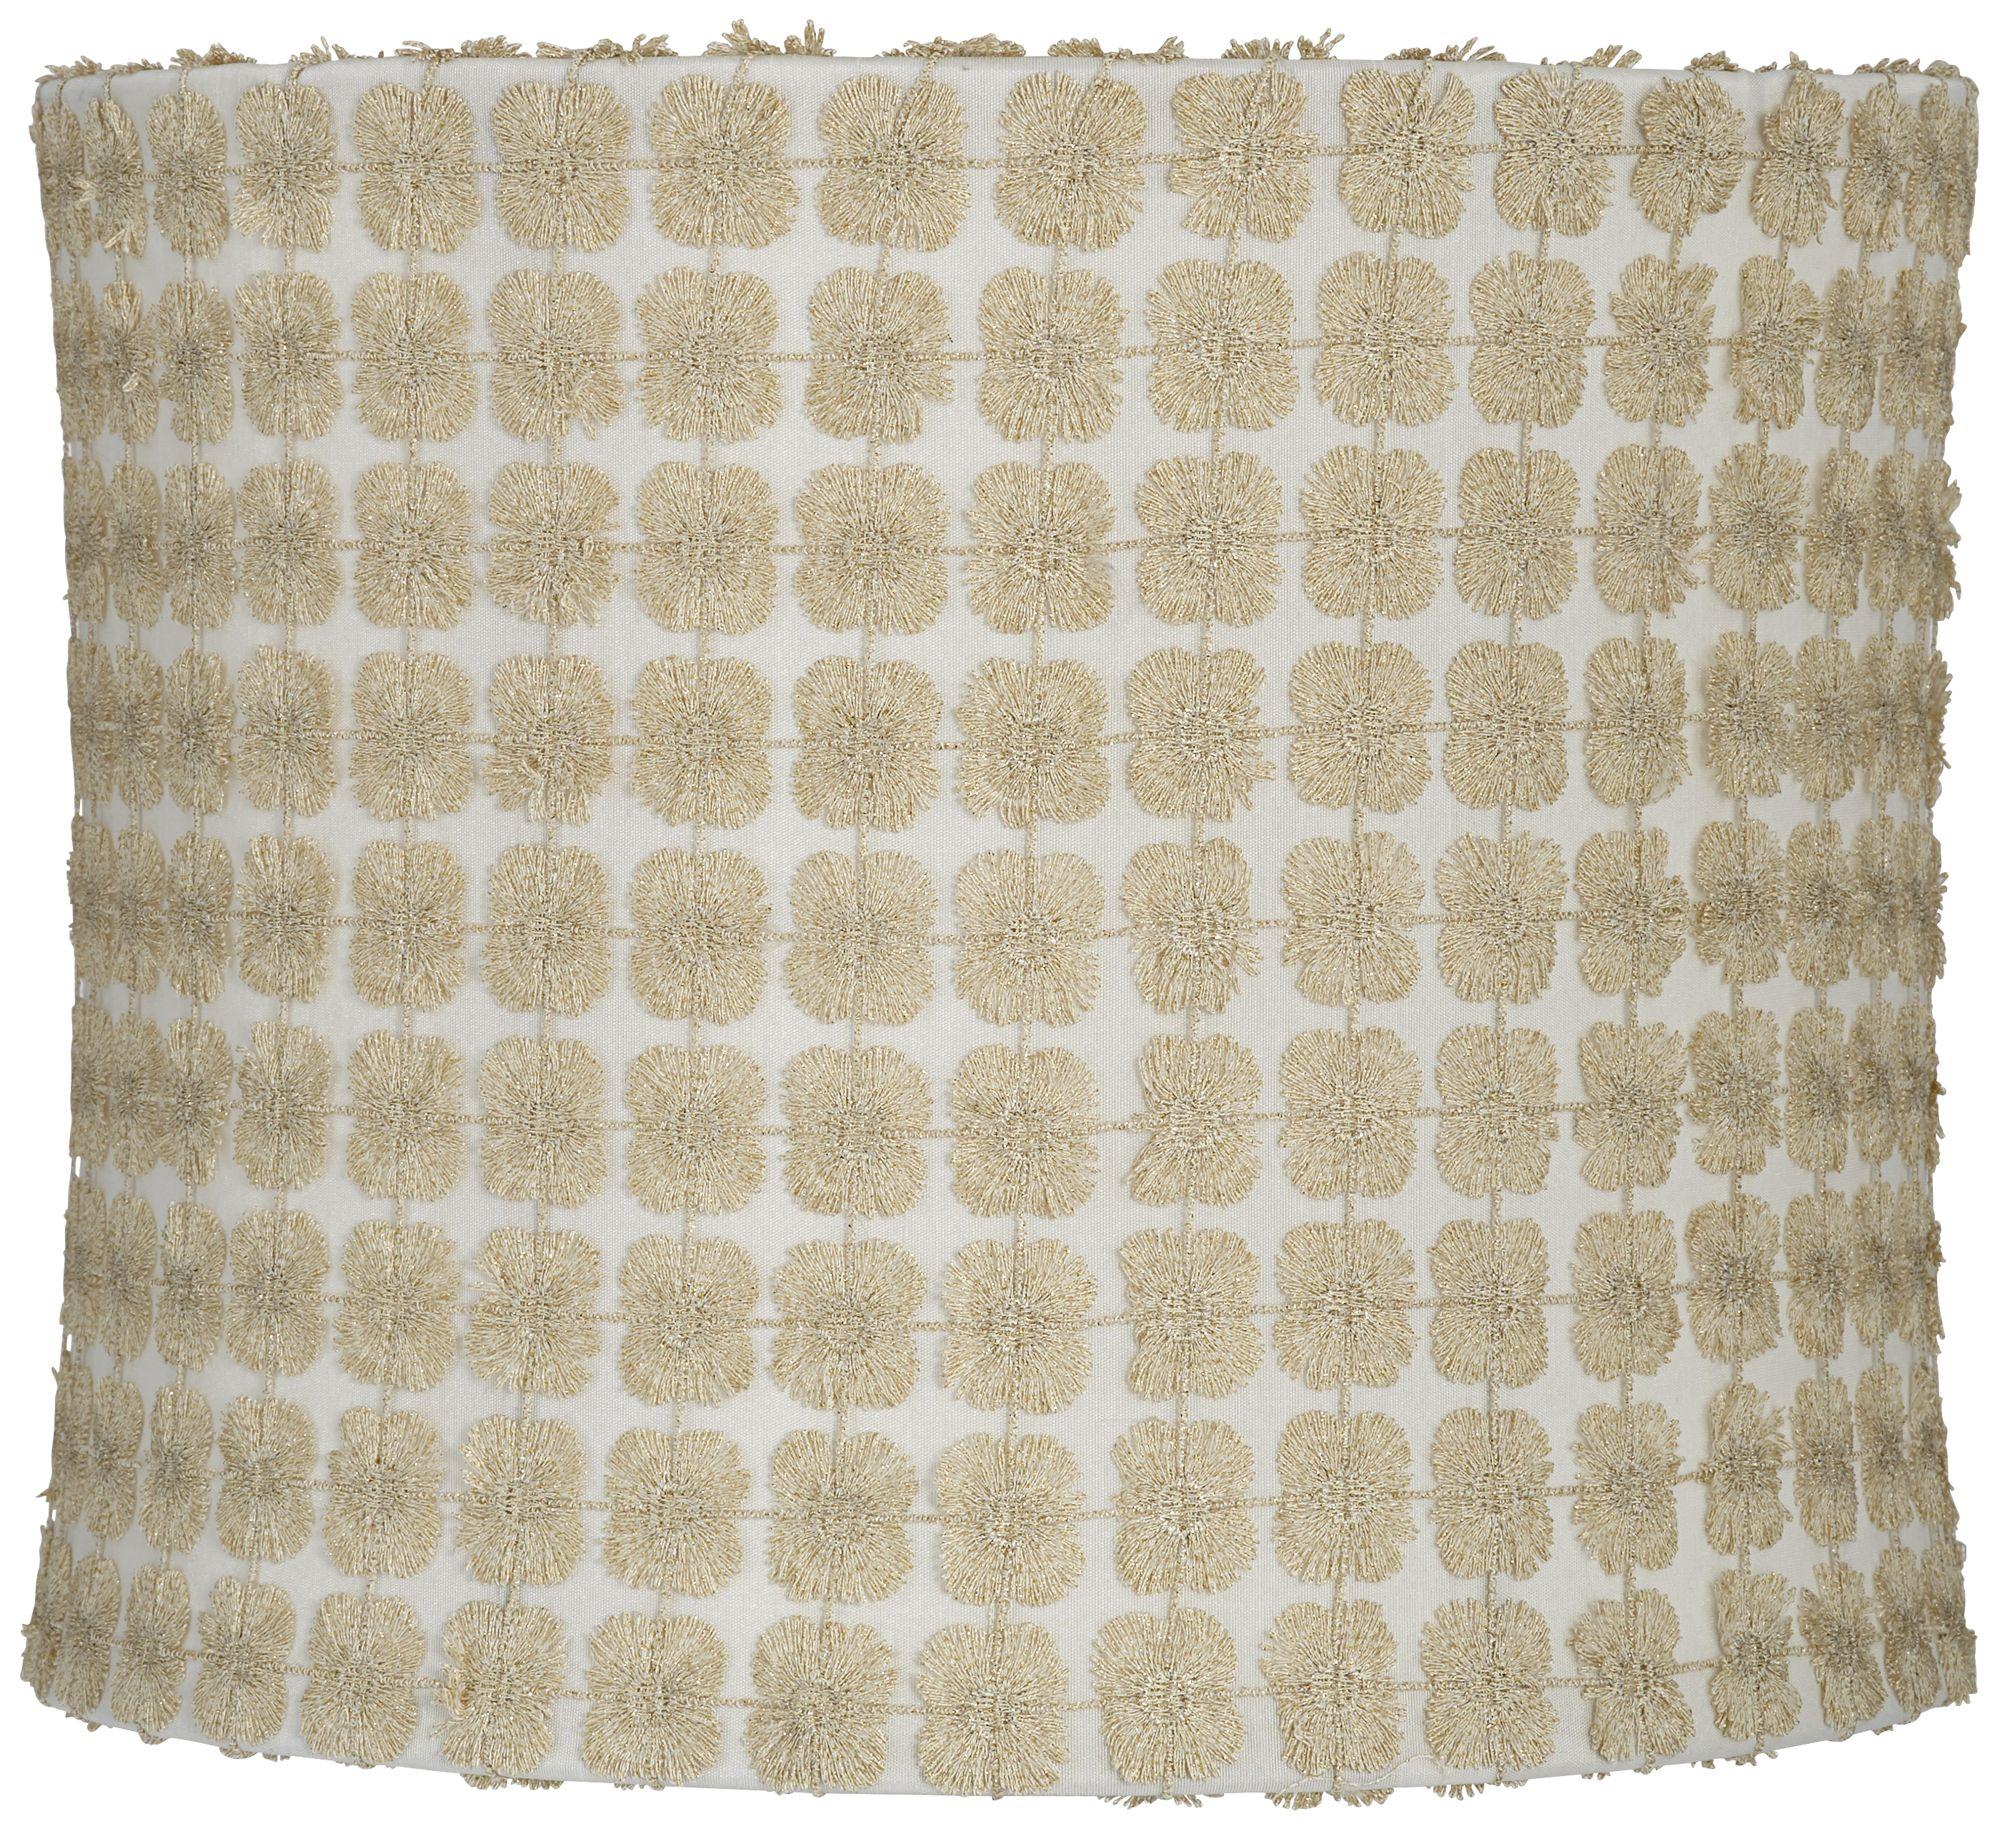 Merveilleux Edinburgh Gold Over White Drum Lamp Shade 12x12x10 (Spider)